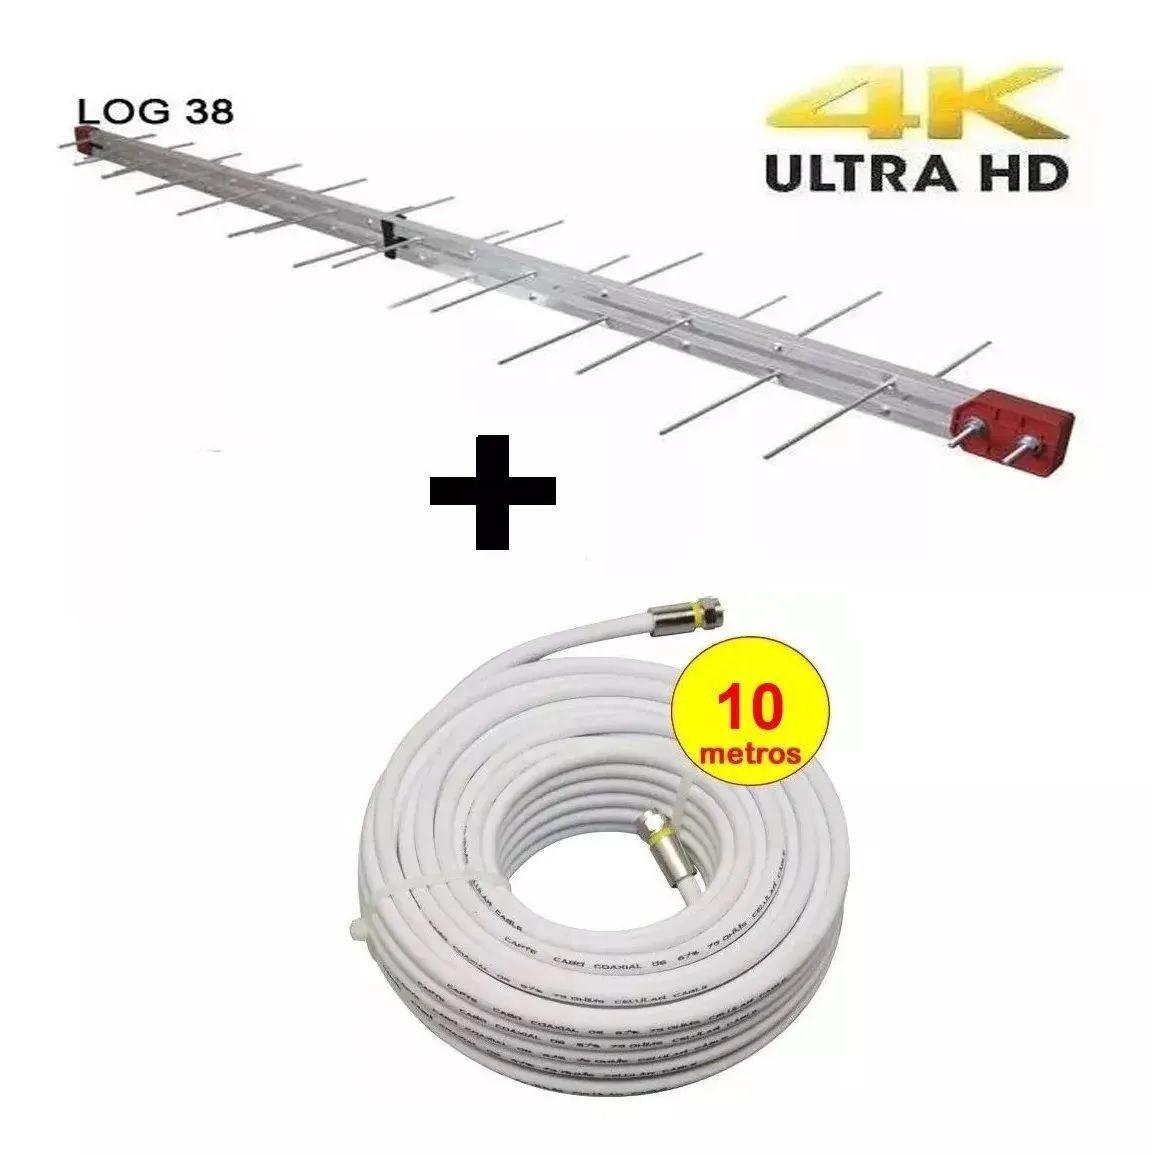 Antena Digital 4k Externa Log 38 + cabo de 10